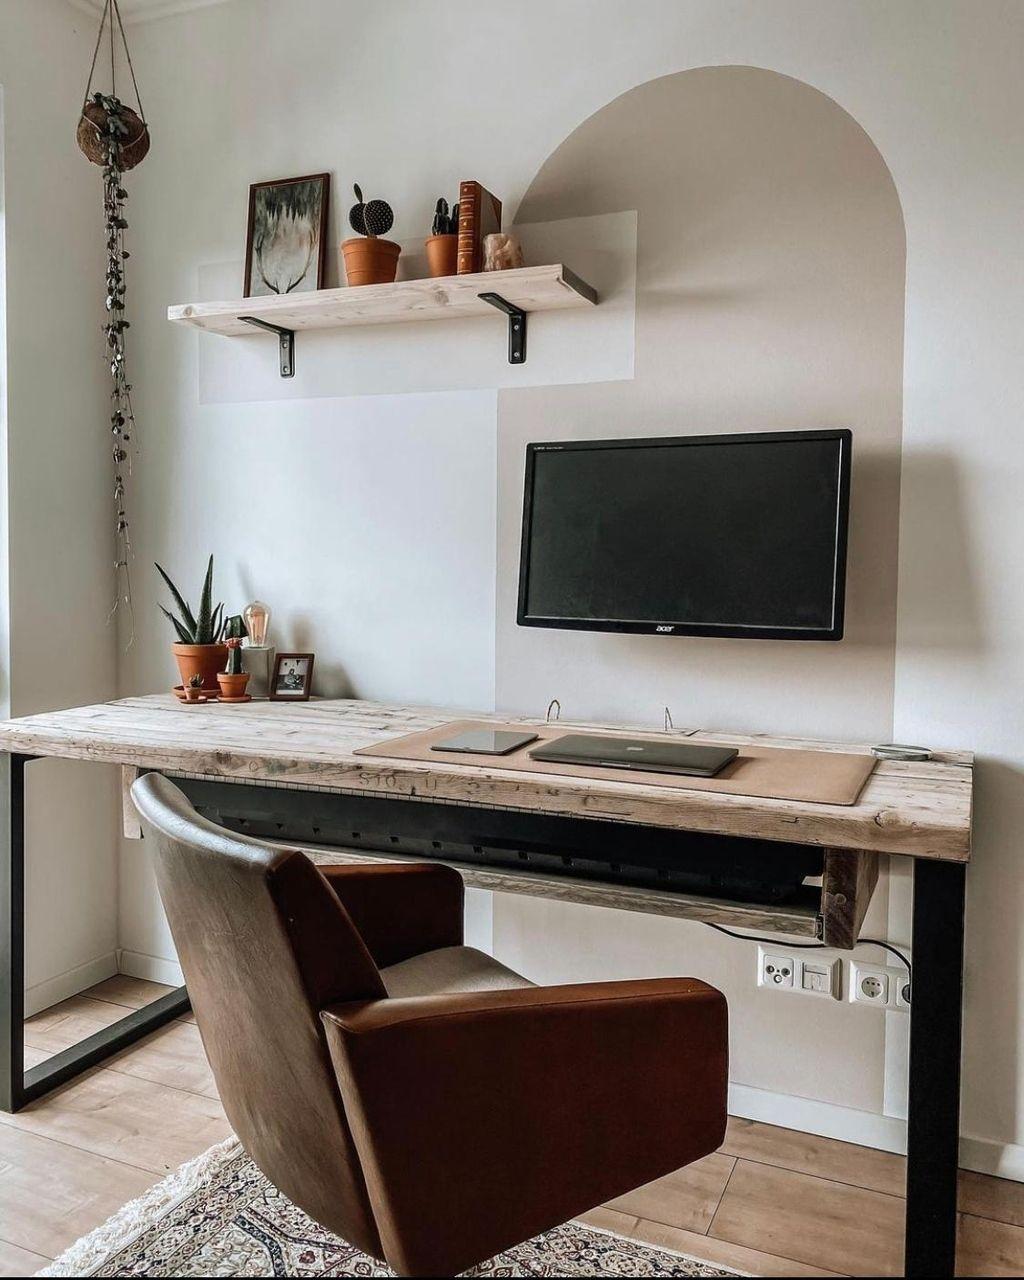 Unser selbstgebauter Schreibtisch aus Gerüstbohlen ... in 21 ...